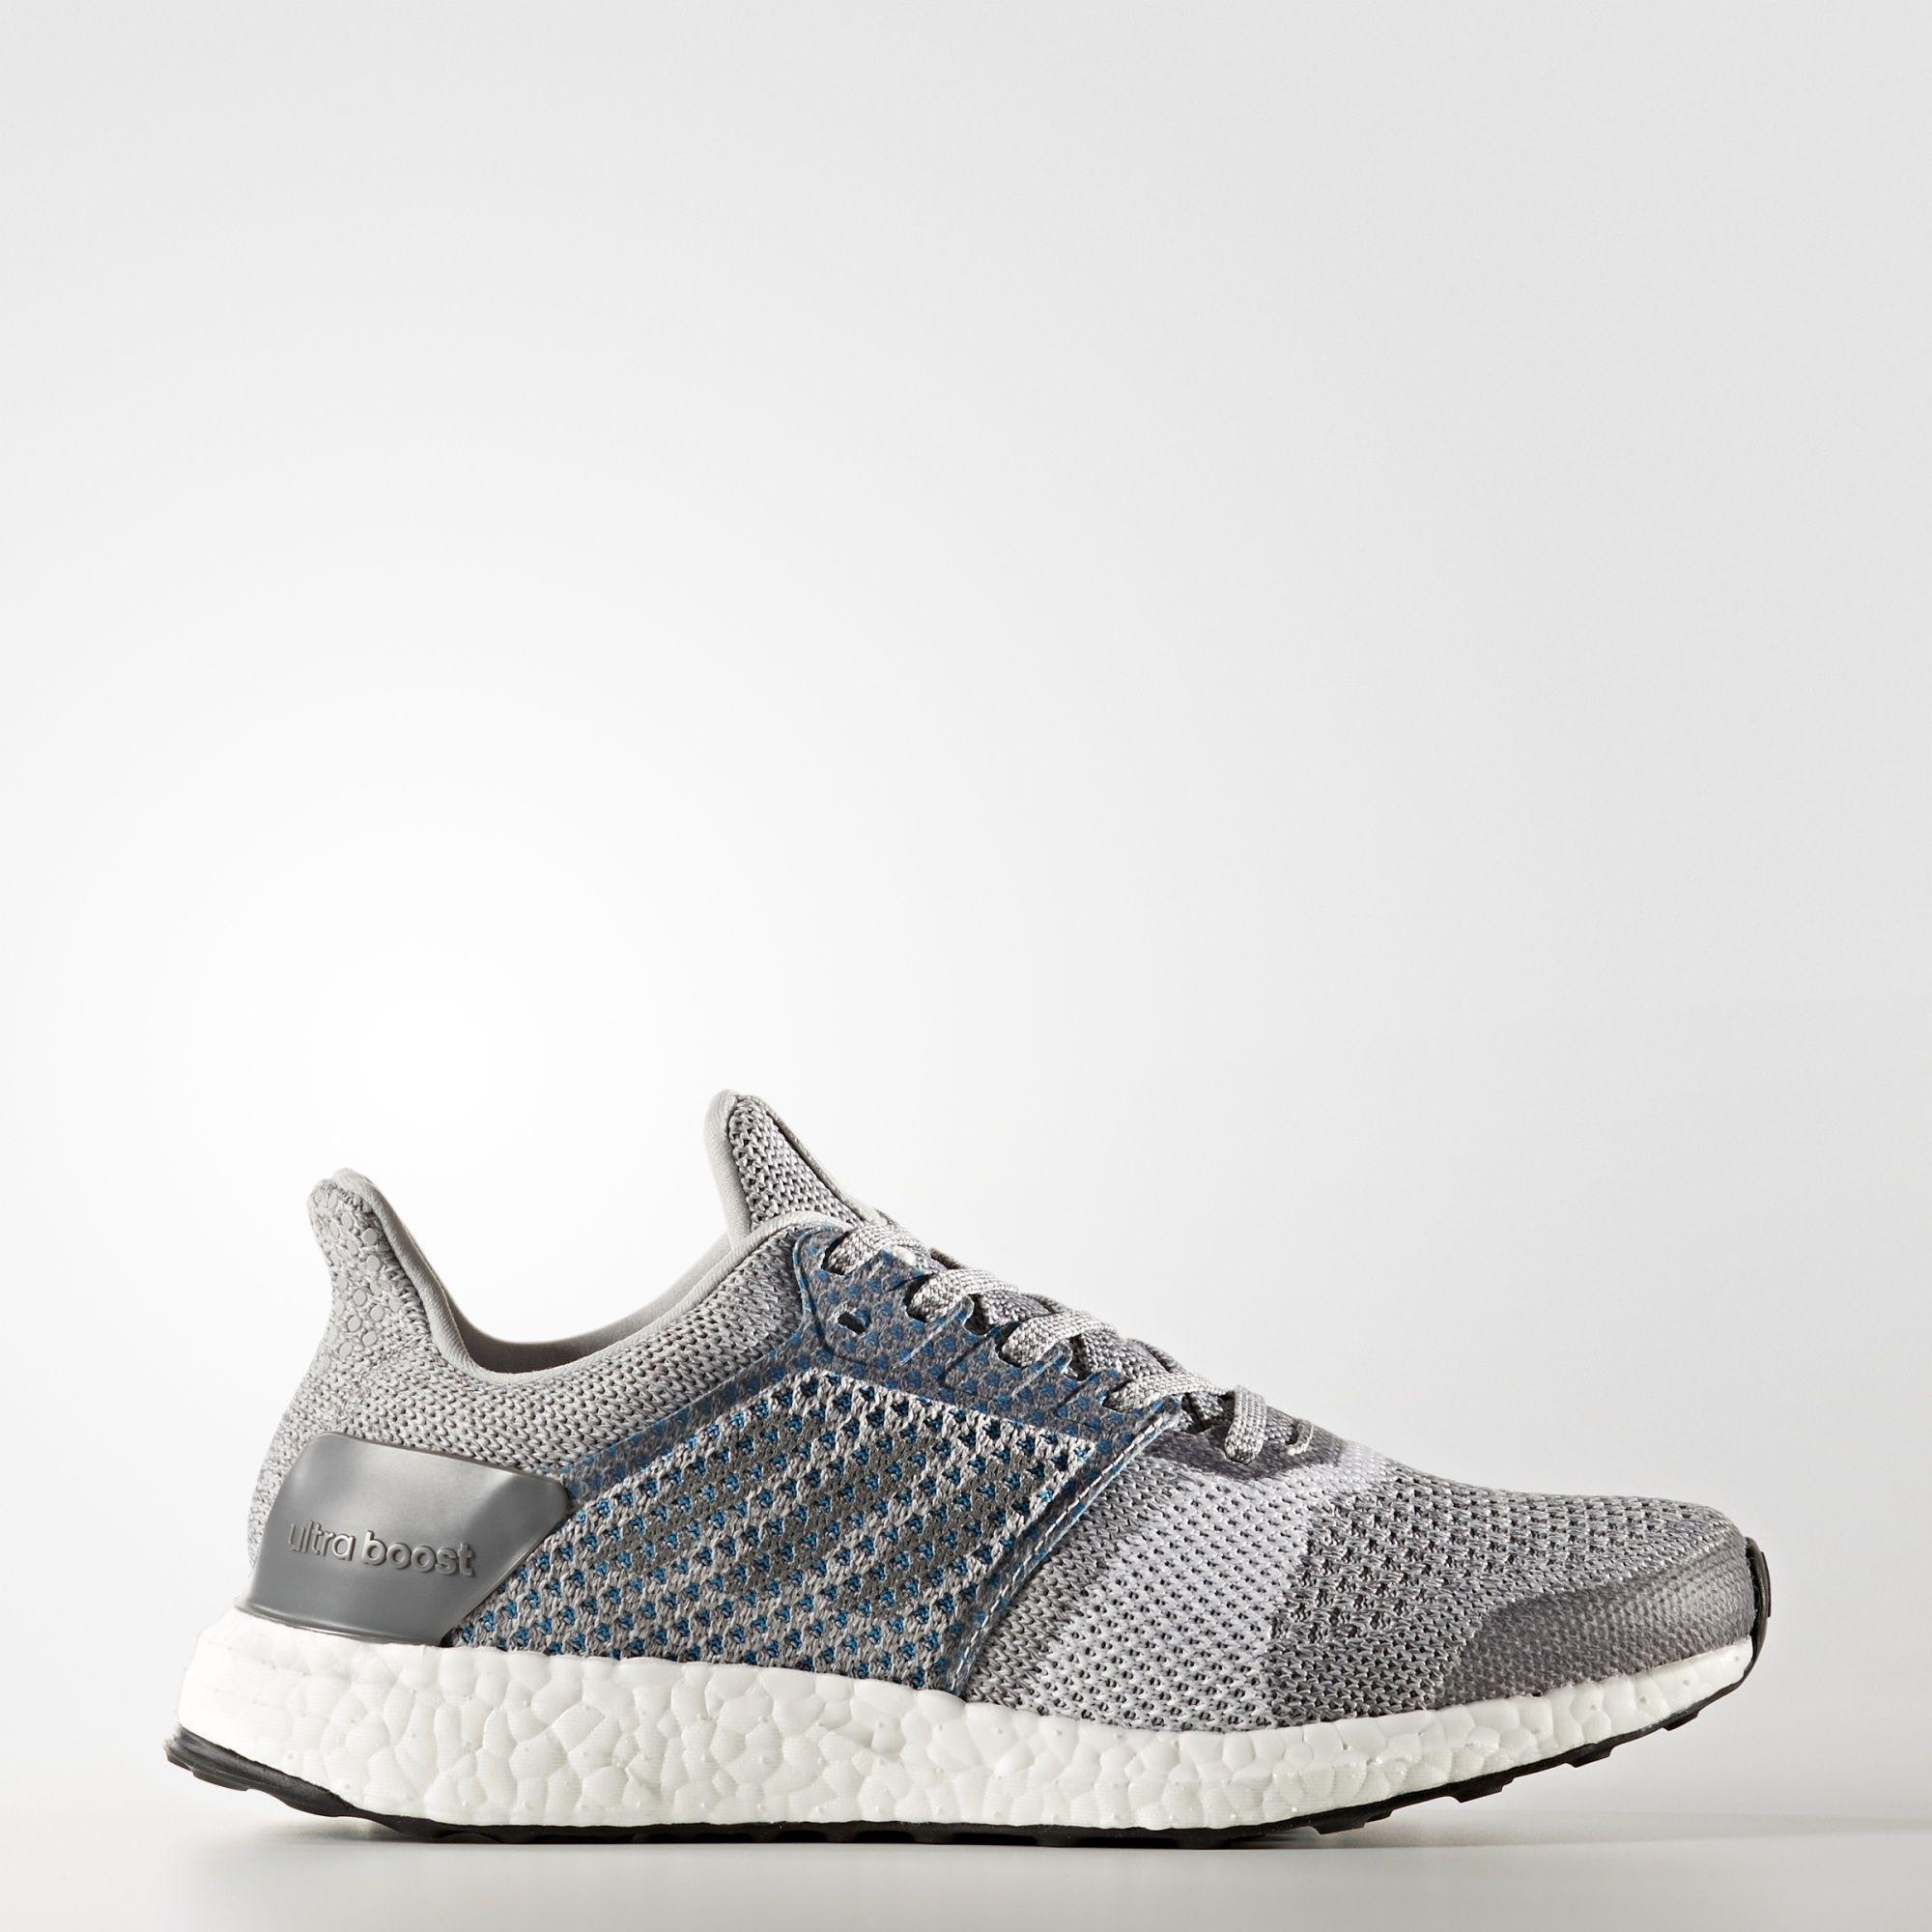 lyst adidas ultraboost st scarpe in grigio per gli uomini.